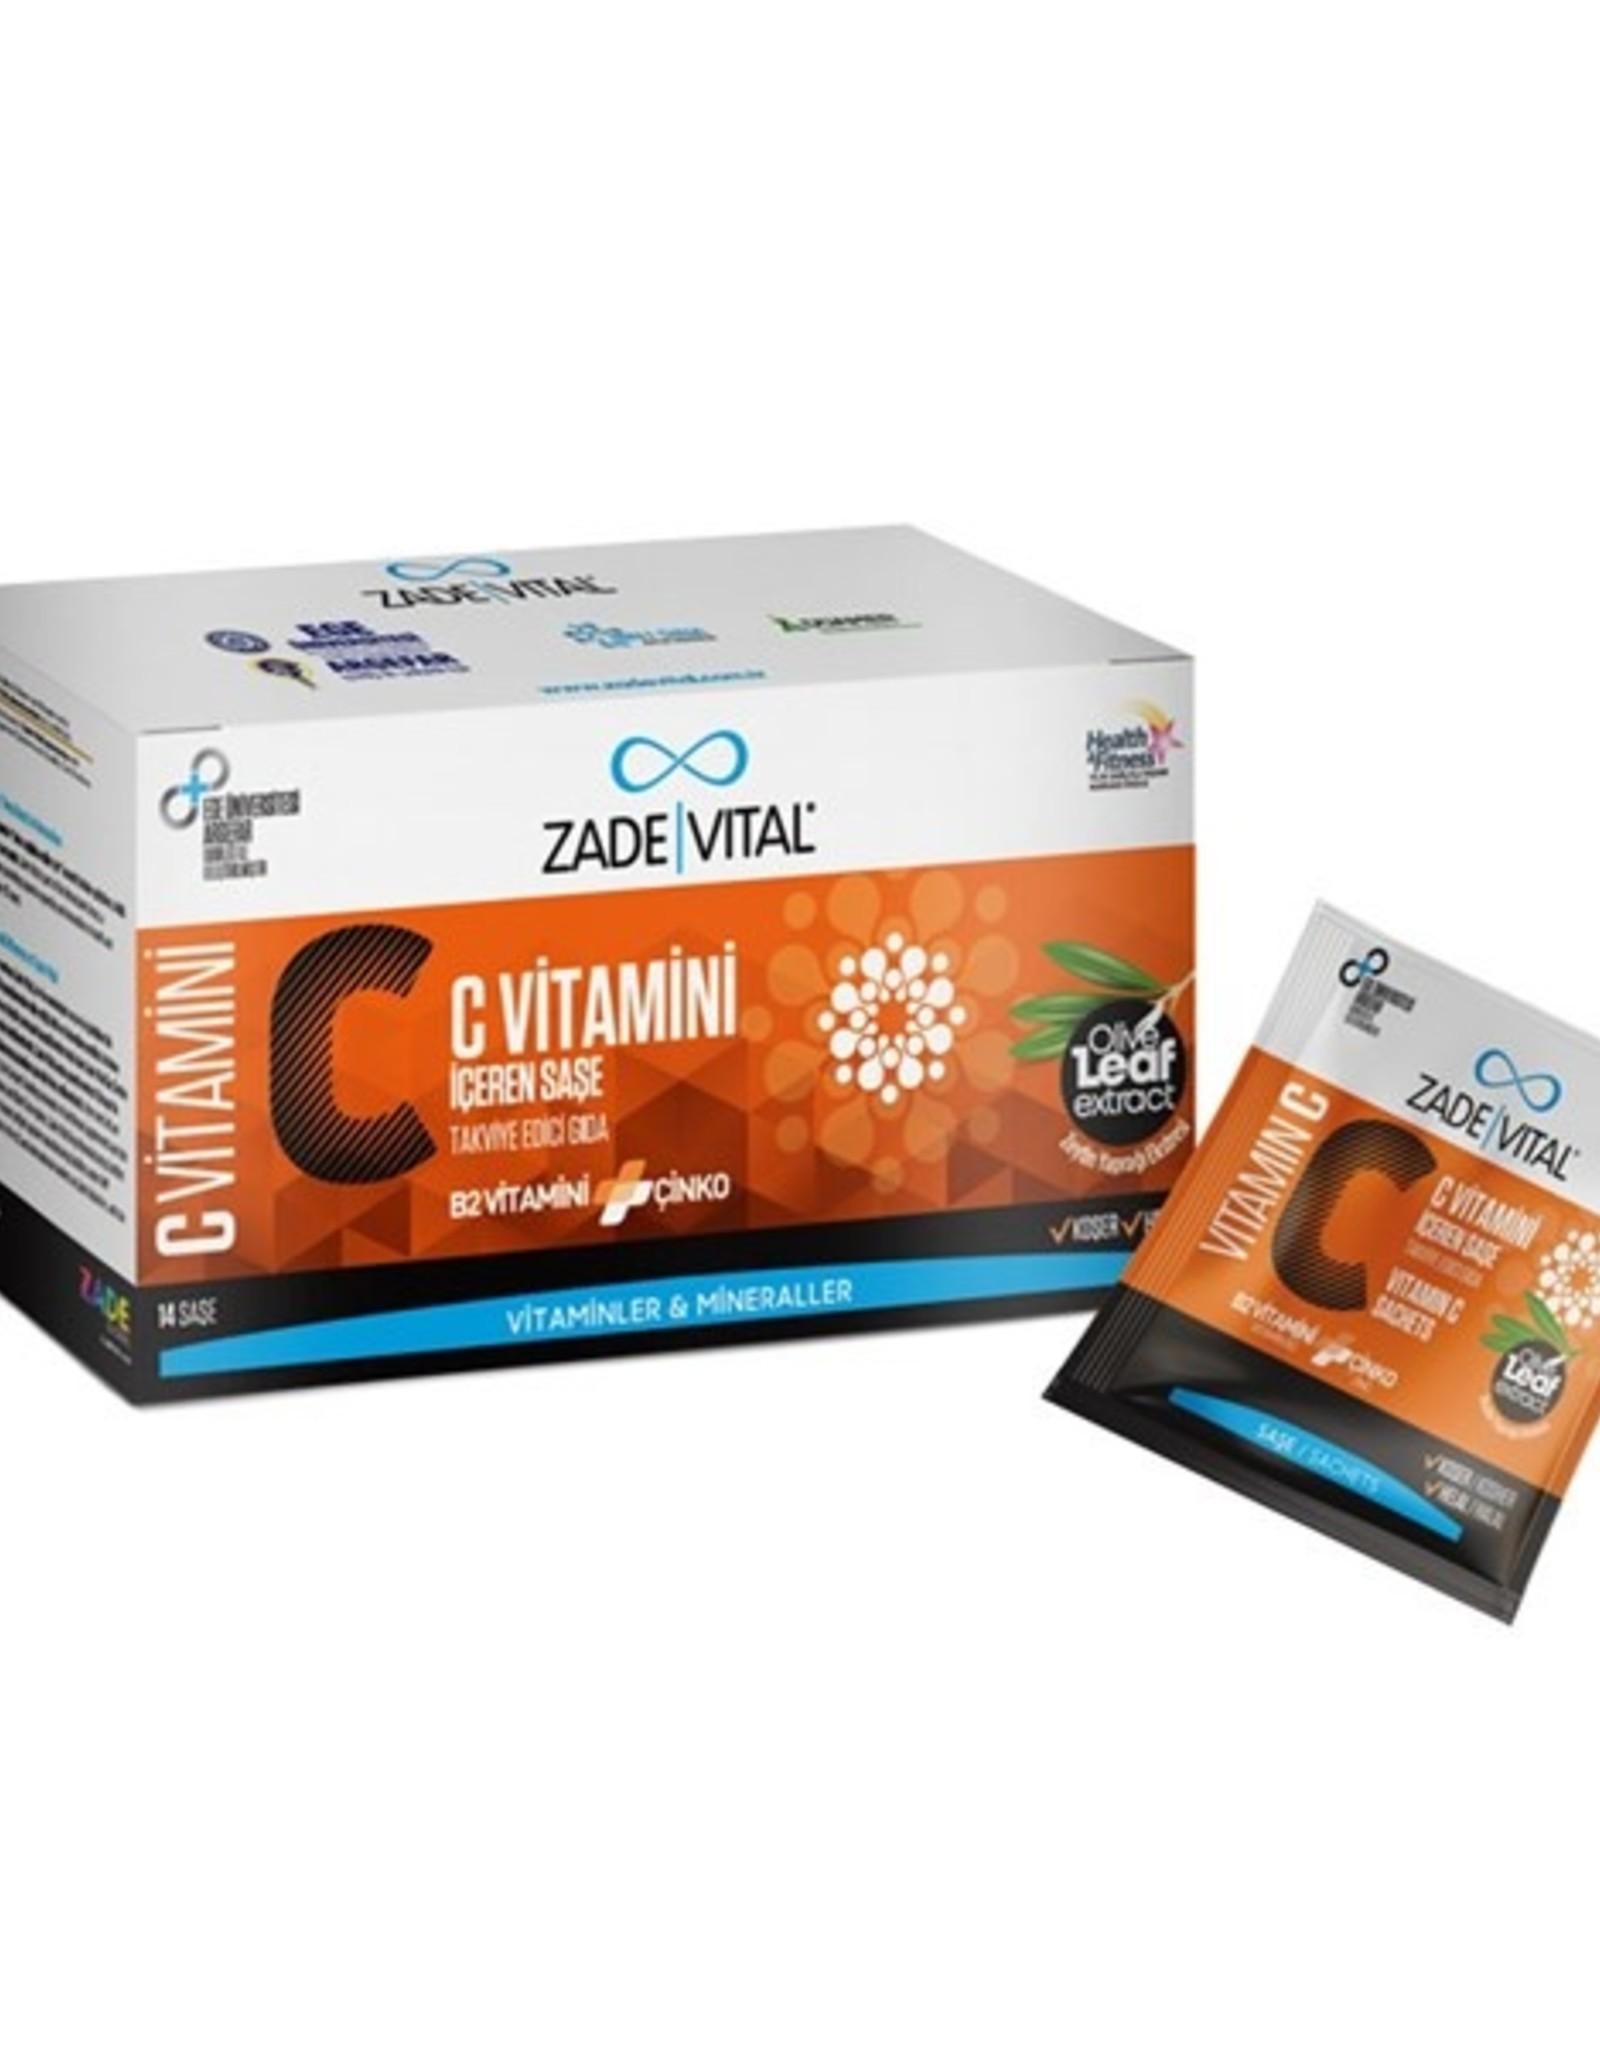 Zade Vital Zade Vital C Vitamini + B2 Vitamini + Çinko + Zeytinyağı yaprağı ekstresi 14 Saşe